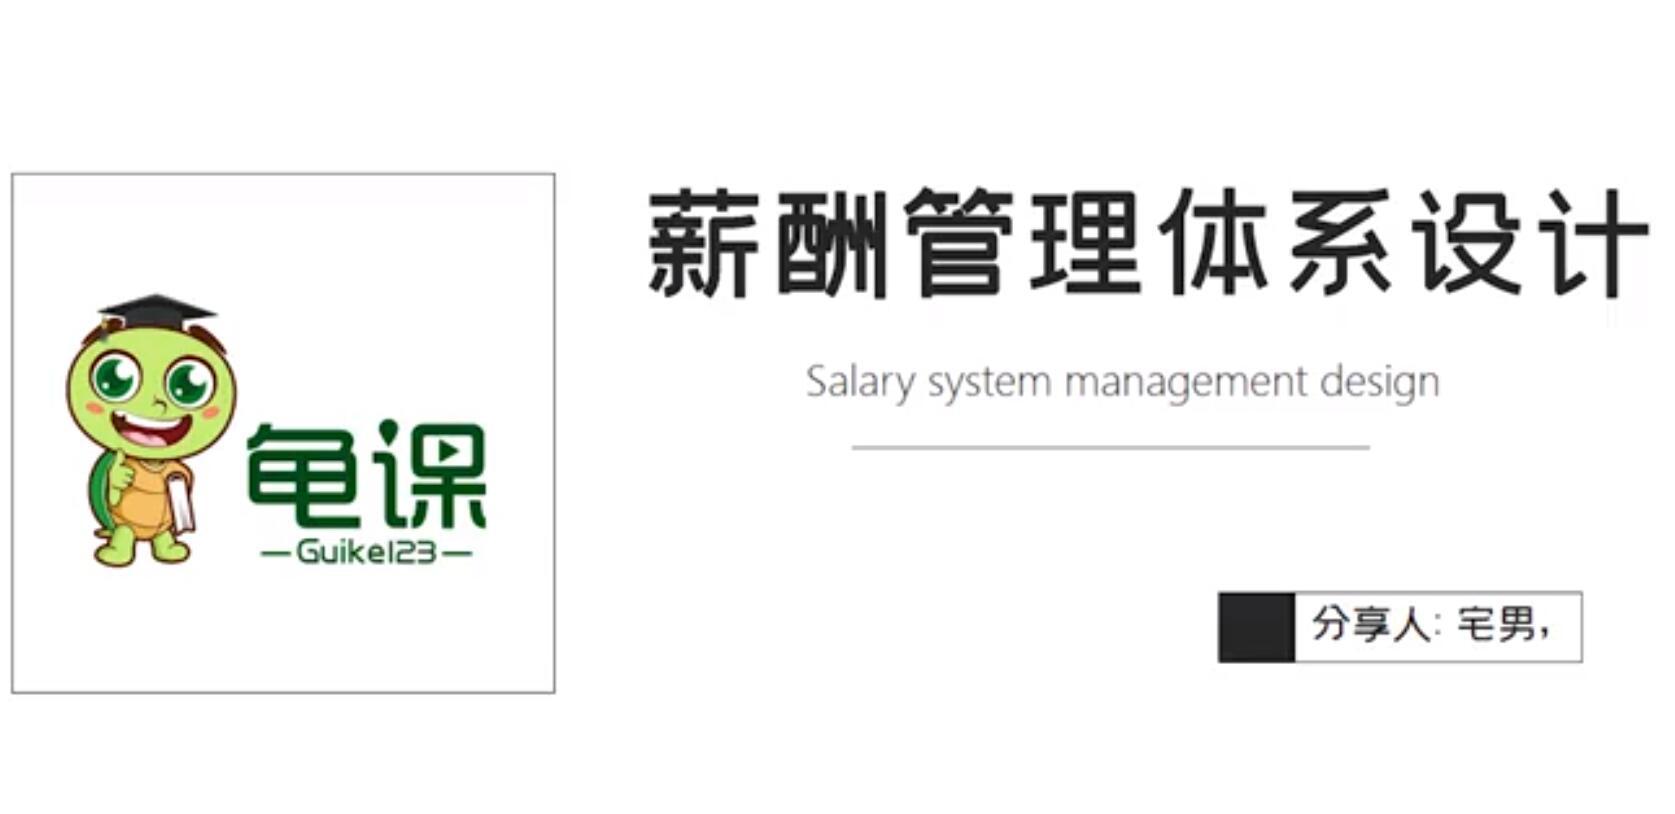 龟课宅男:薪酬管理体系设计